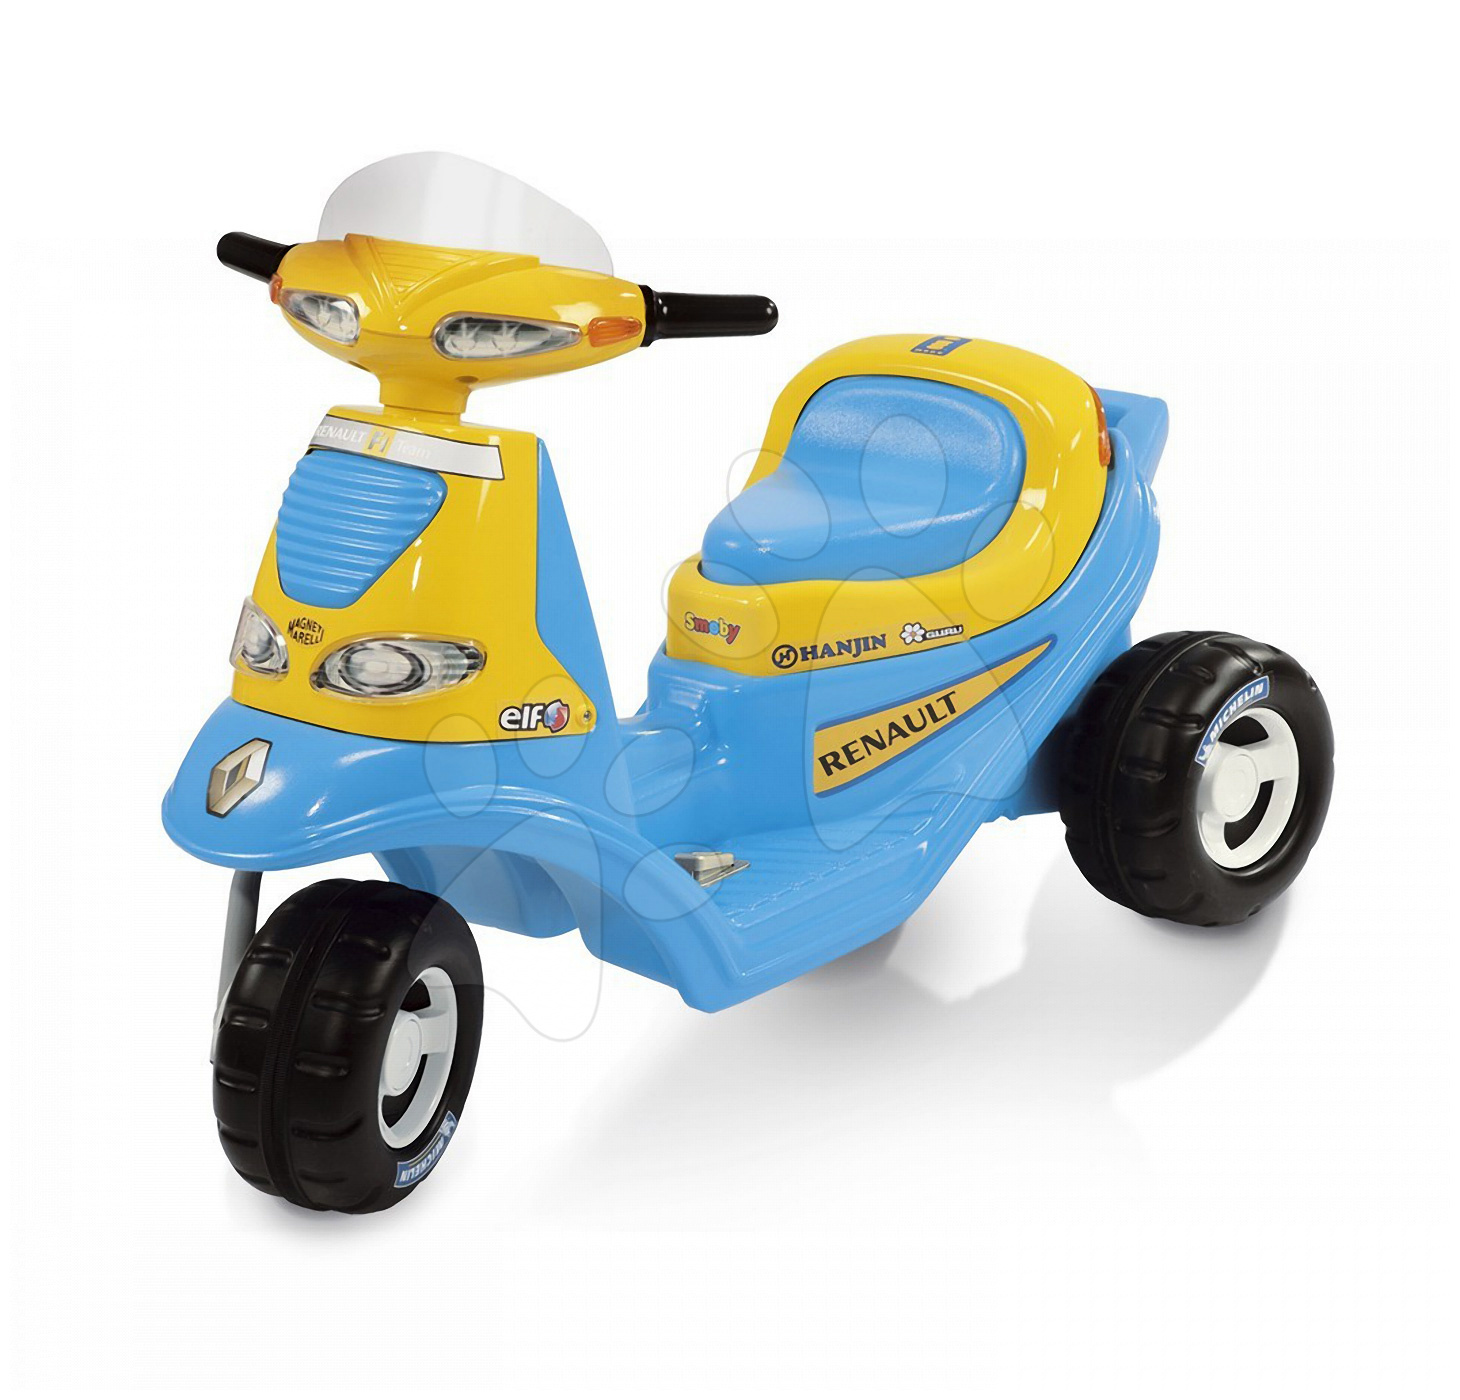 Otroški električni štirikolesniki - Skuter Renault F1 Smoby elektronski moder od 24 mes